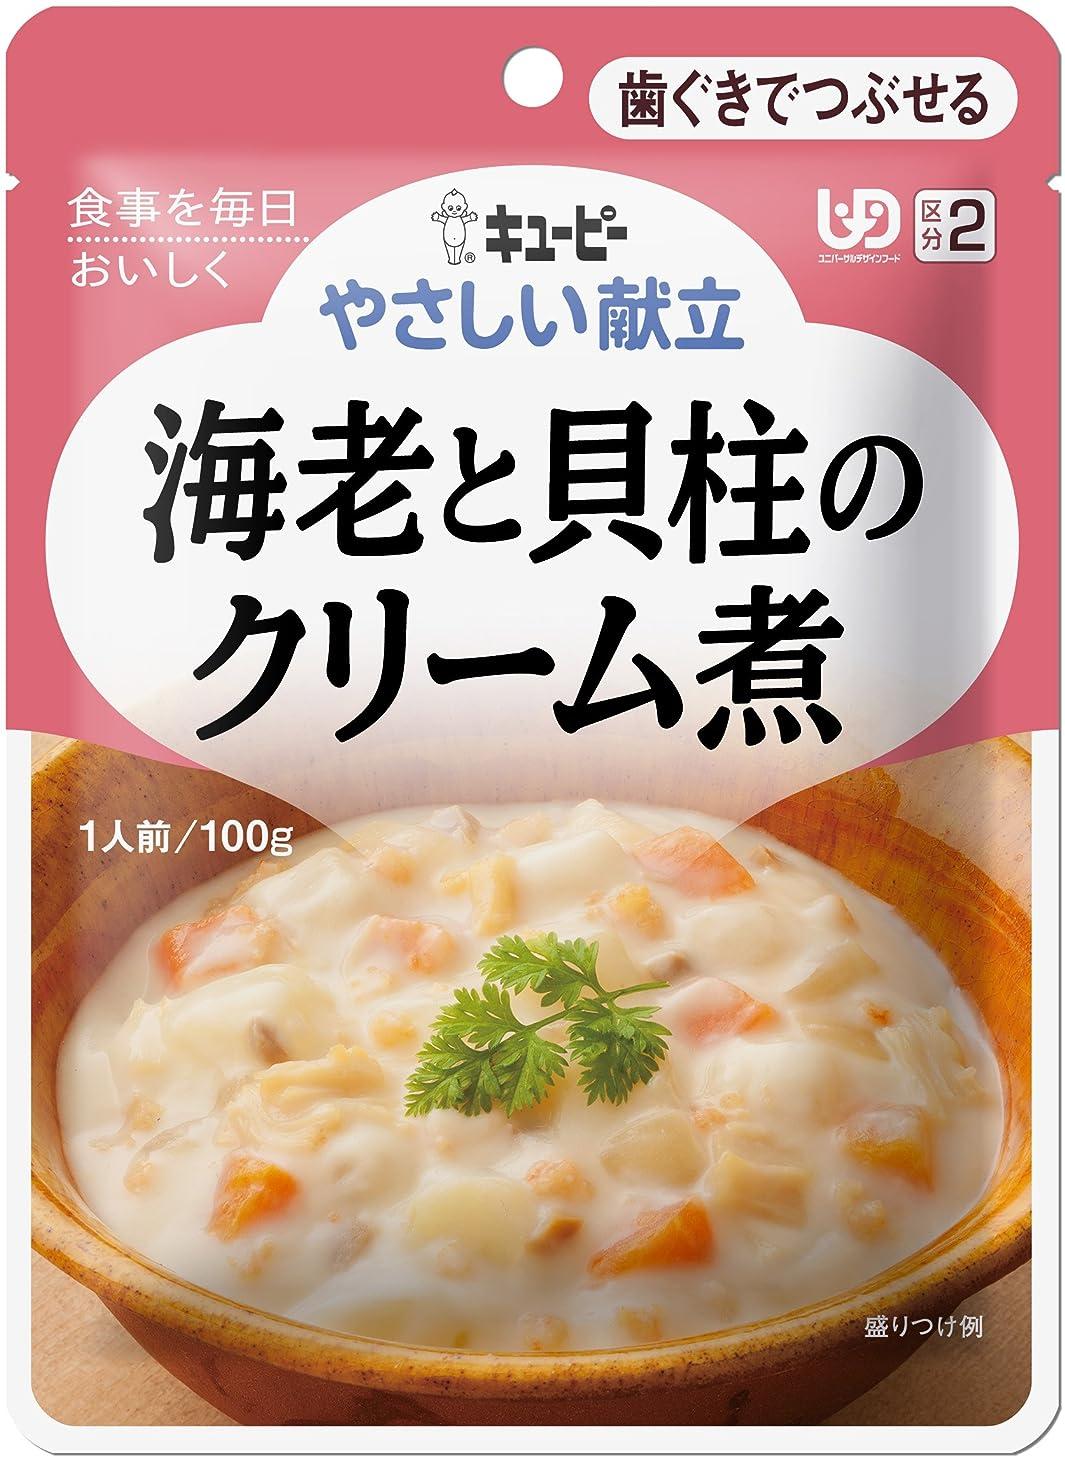 福祉まあ油キユーピー やさしい献立 海老と貝柱のクリーム煮 100g×6個 【区分2:歯ぐきでつぶせる】